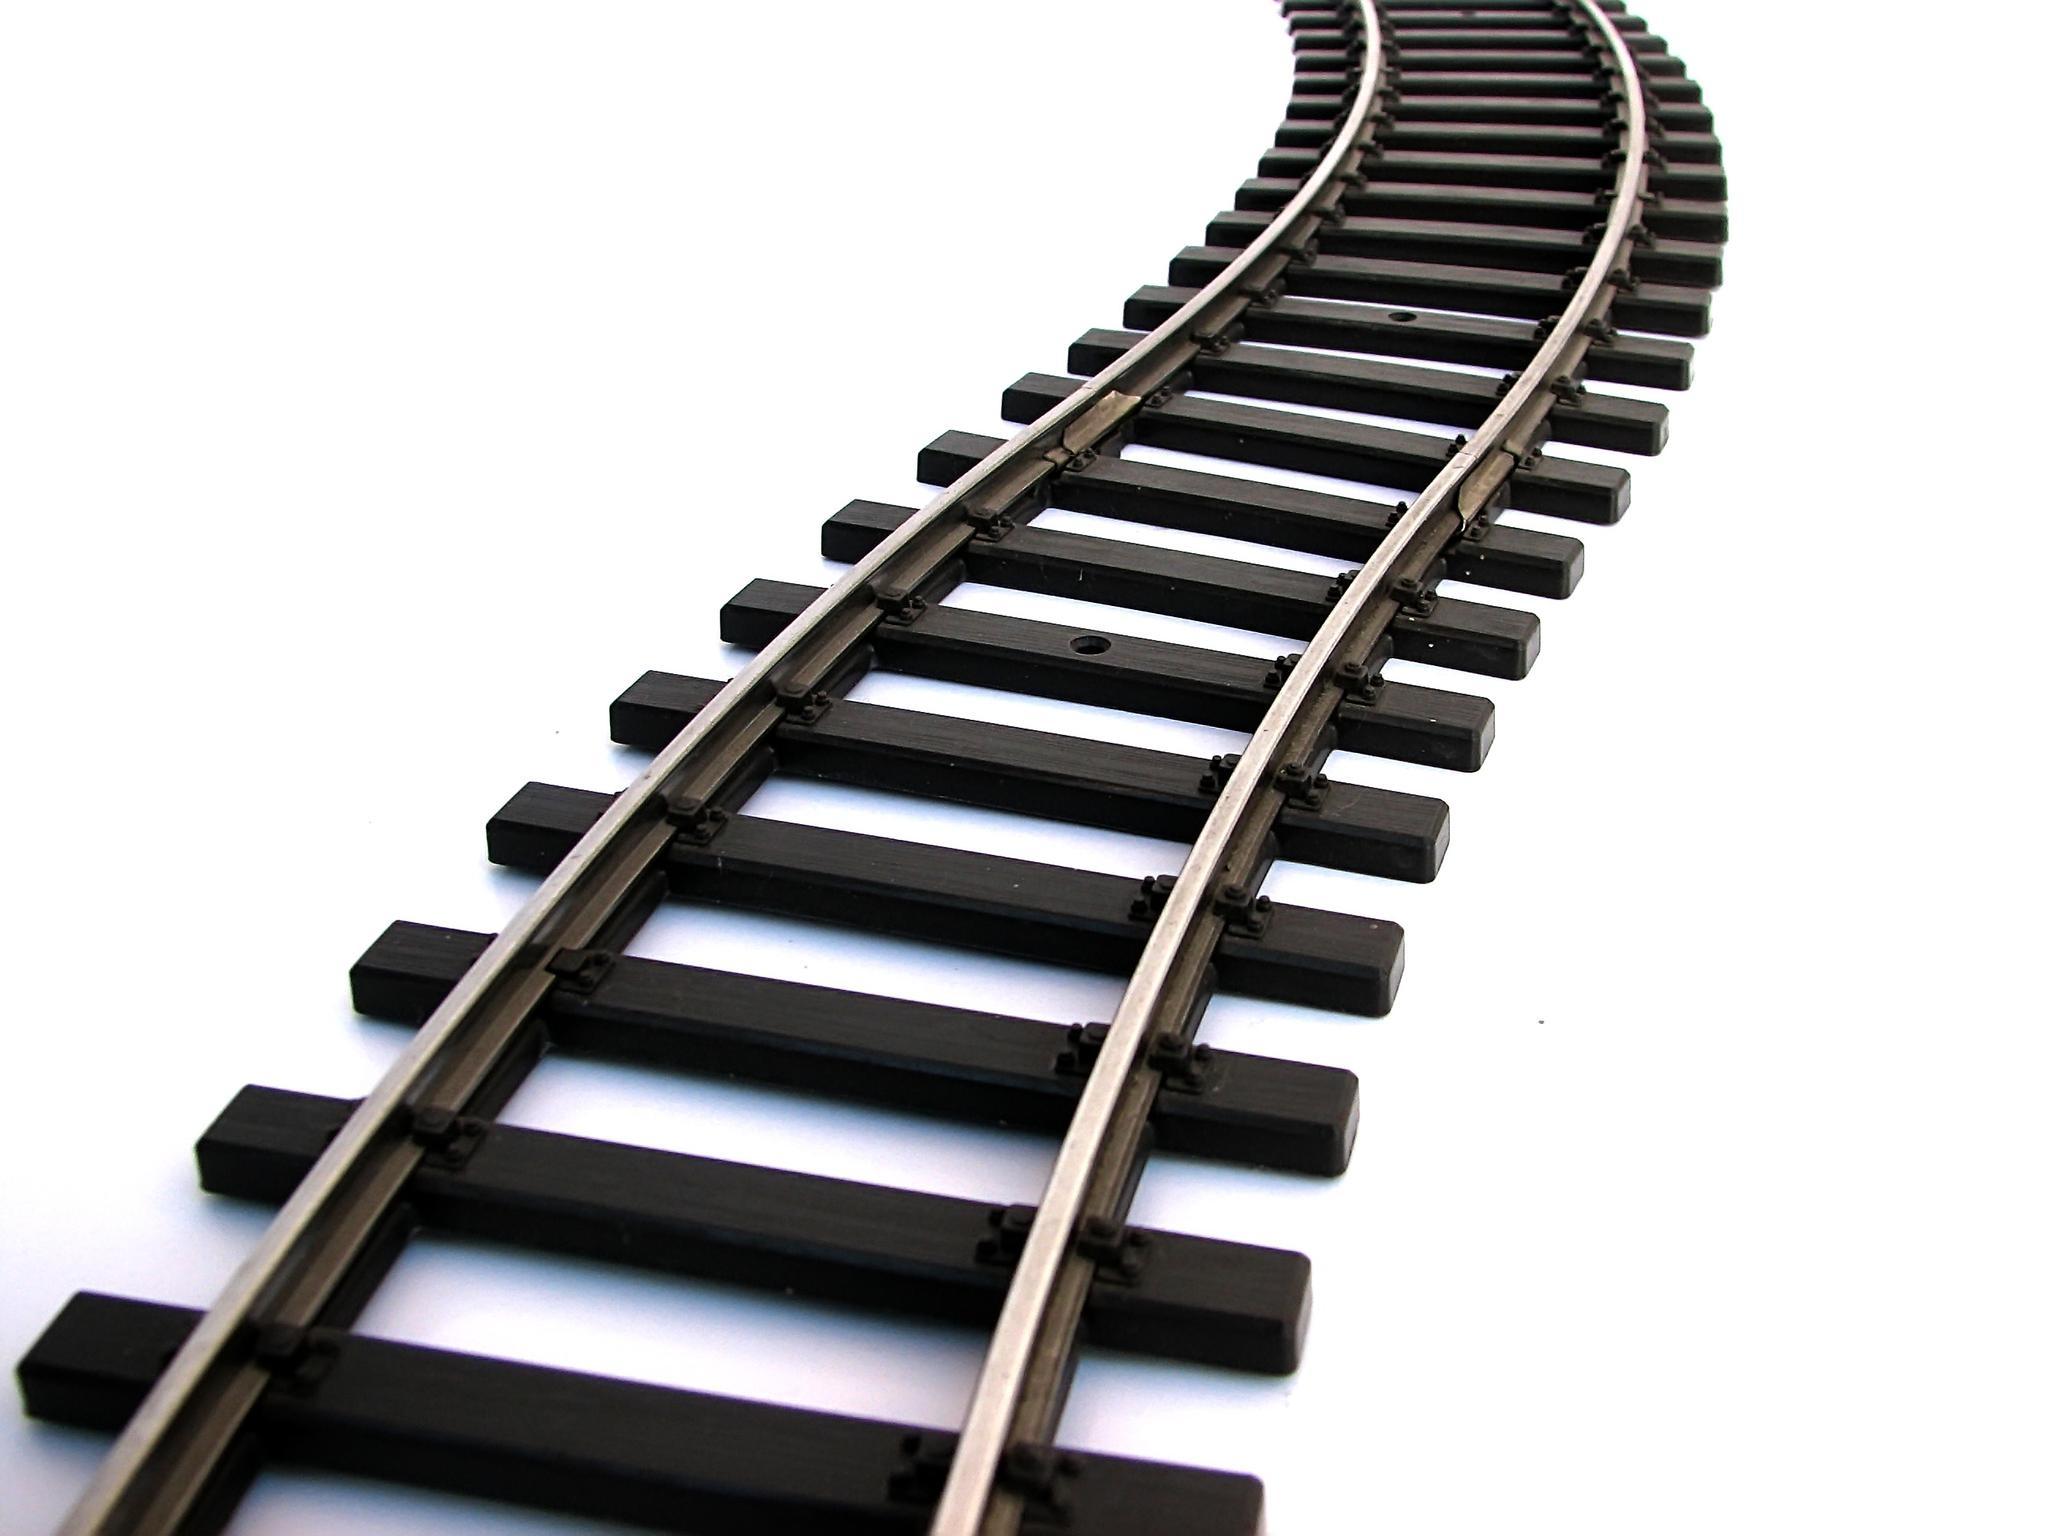 Railroad clipart Unique Train Railroad Tracks Clip Art The.